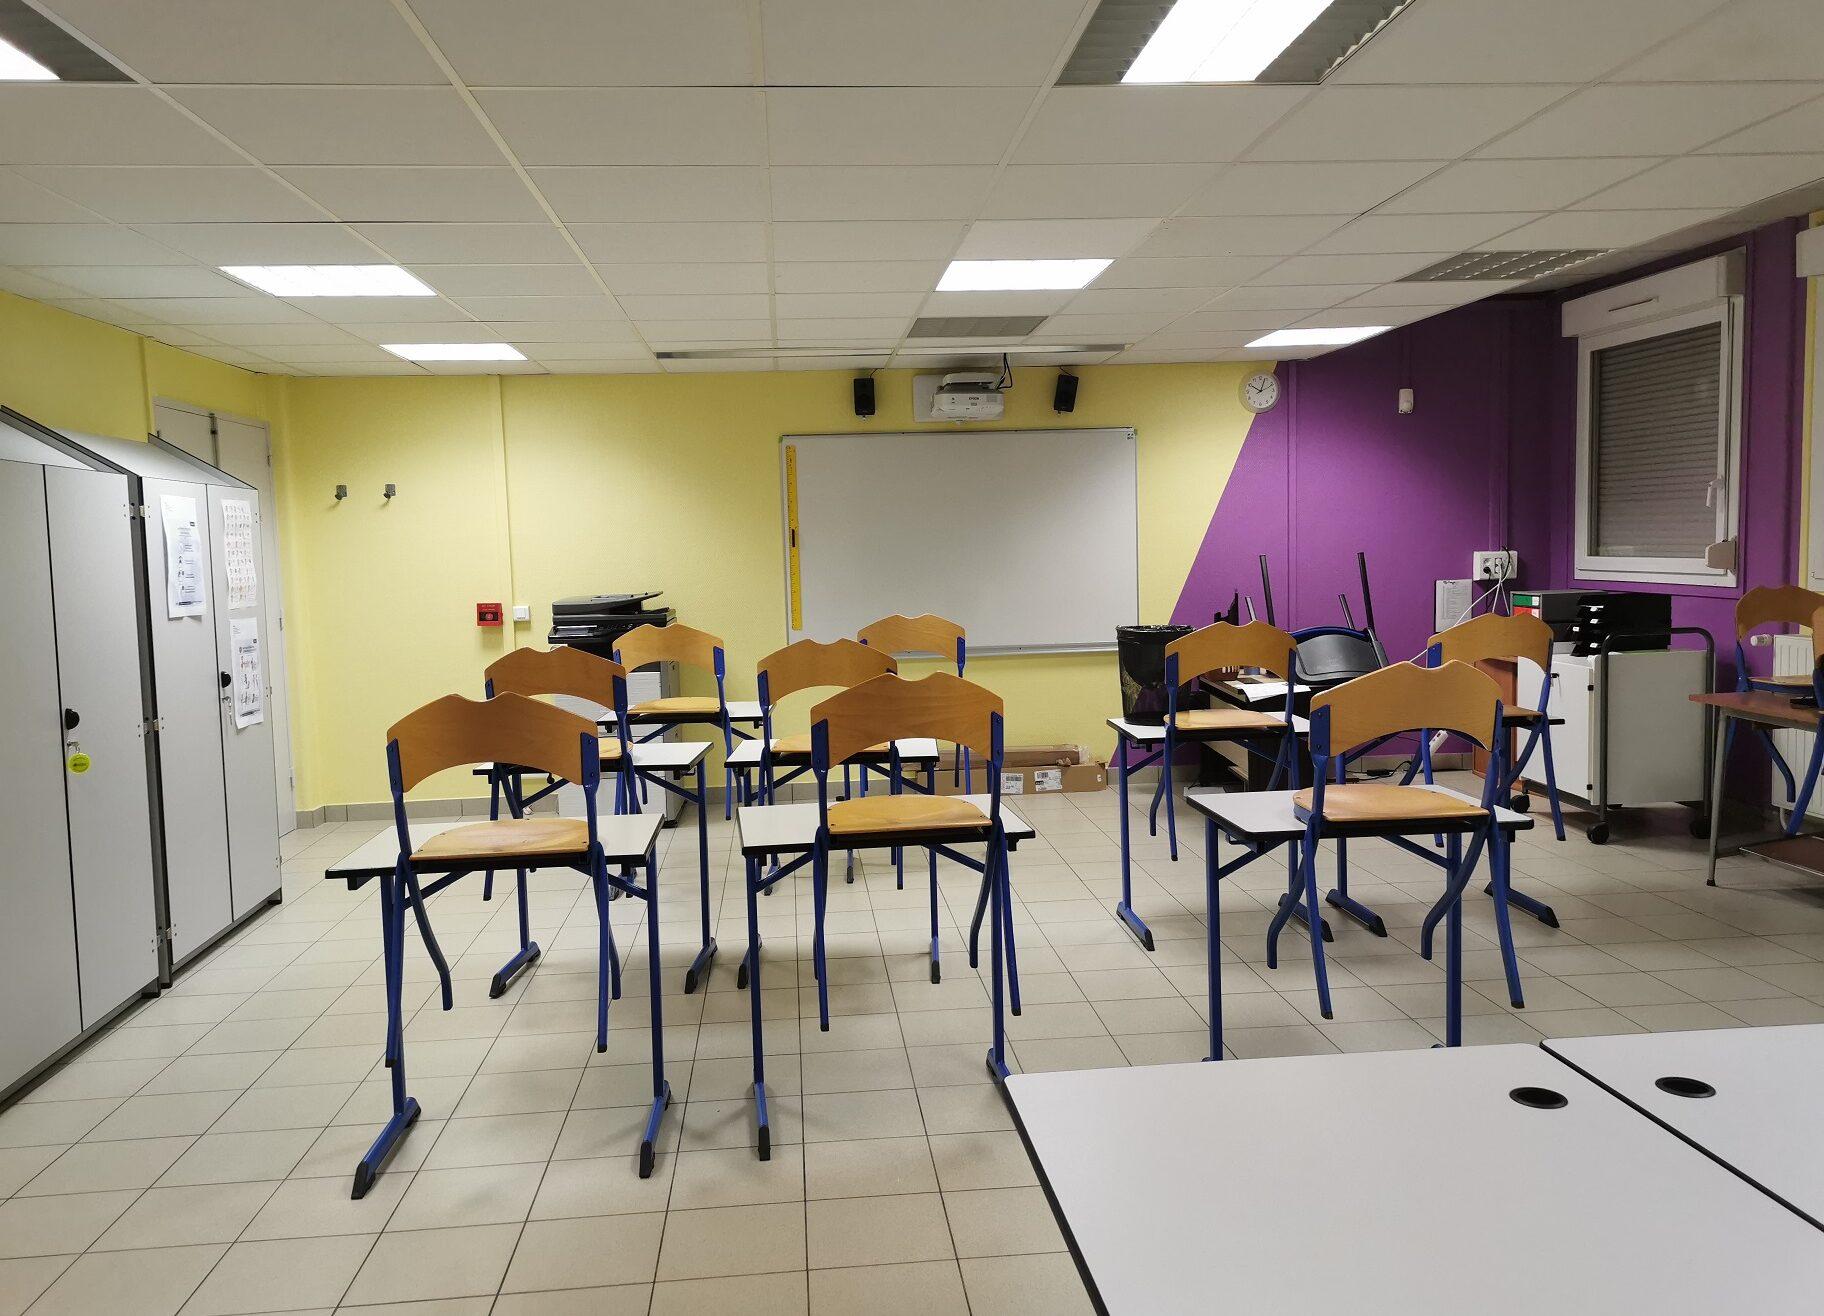 Classe repeinte par les élèves de l'ULIS en 2020-2021